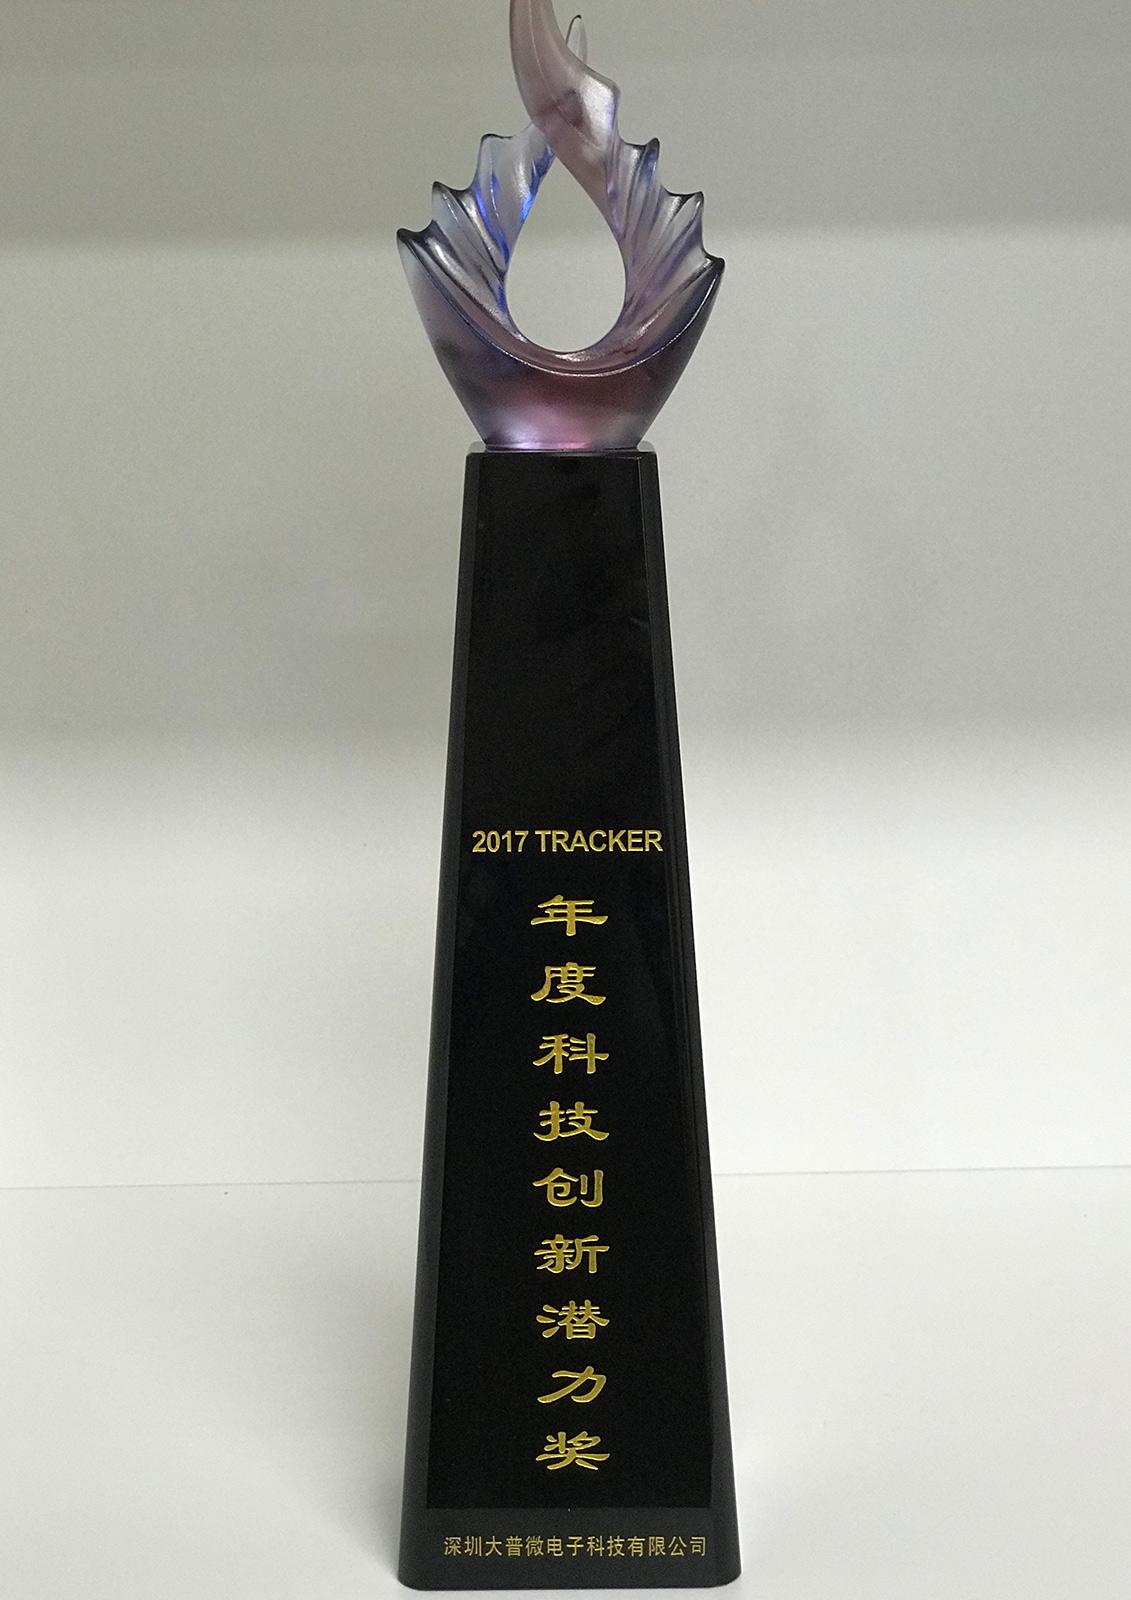 2017 TRACKER创新潜力奖